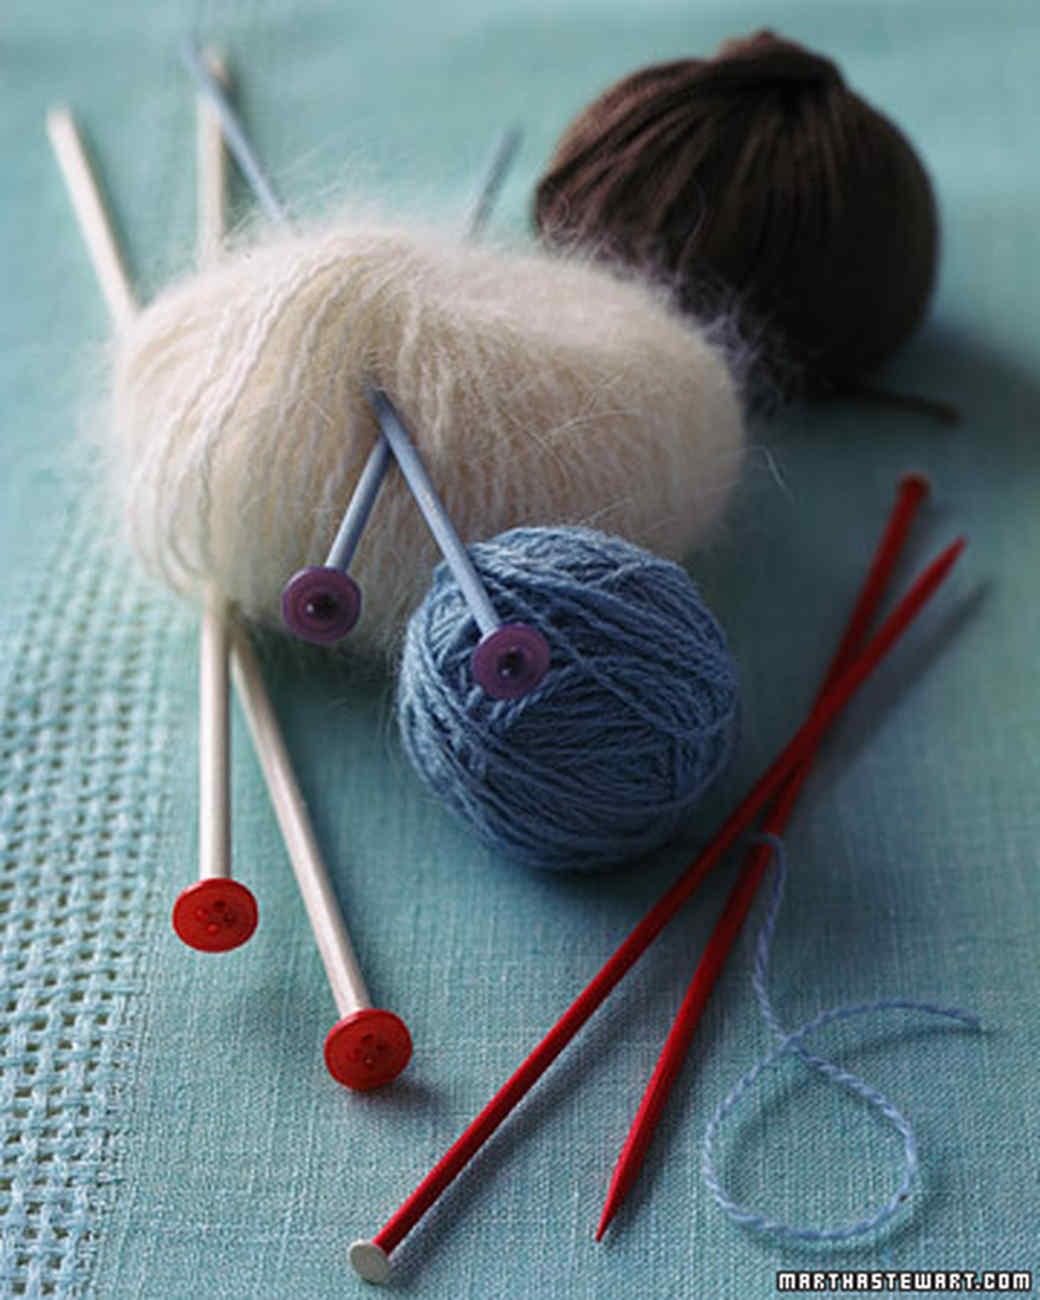 a99040_1201_knitbeauty.jpg